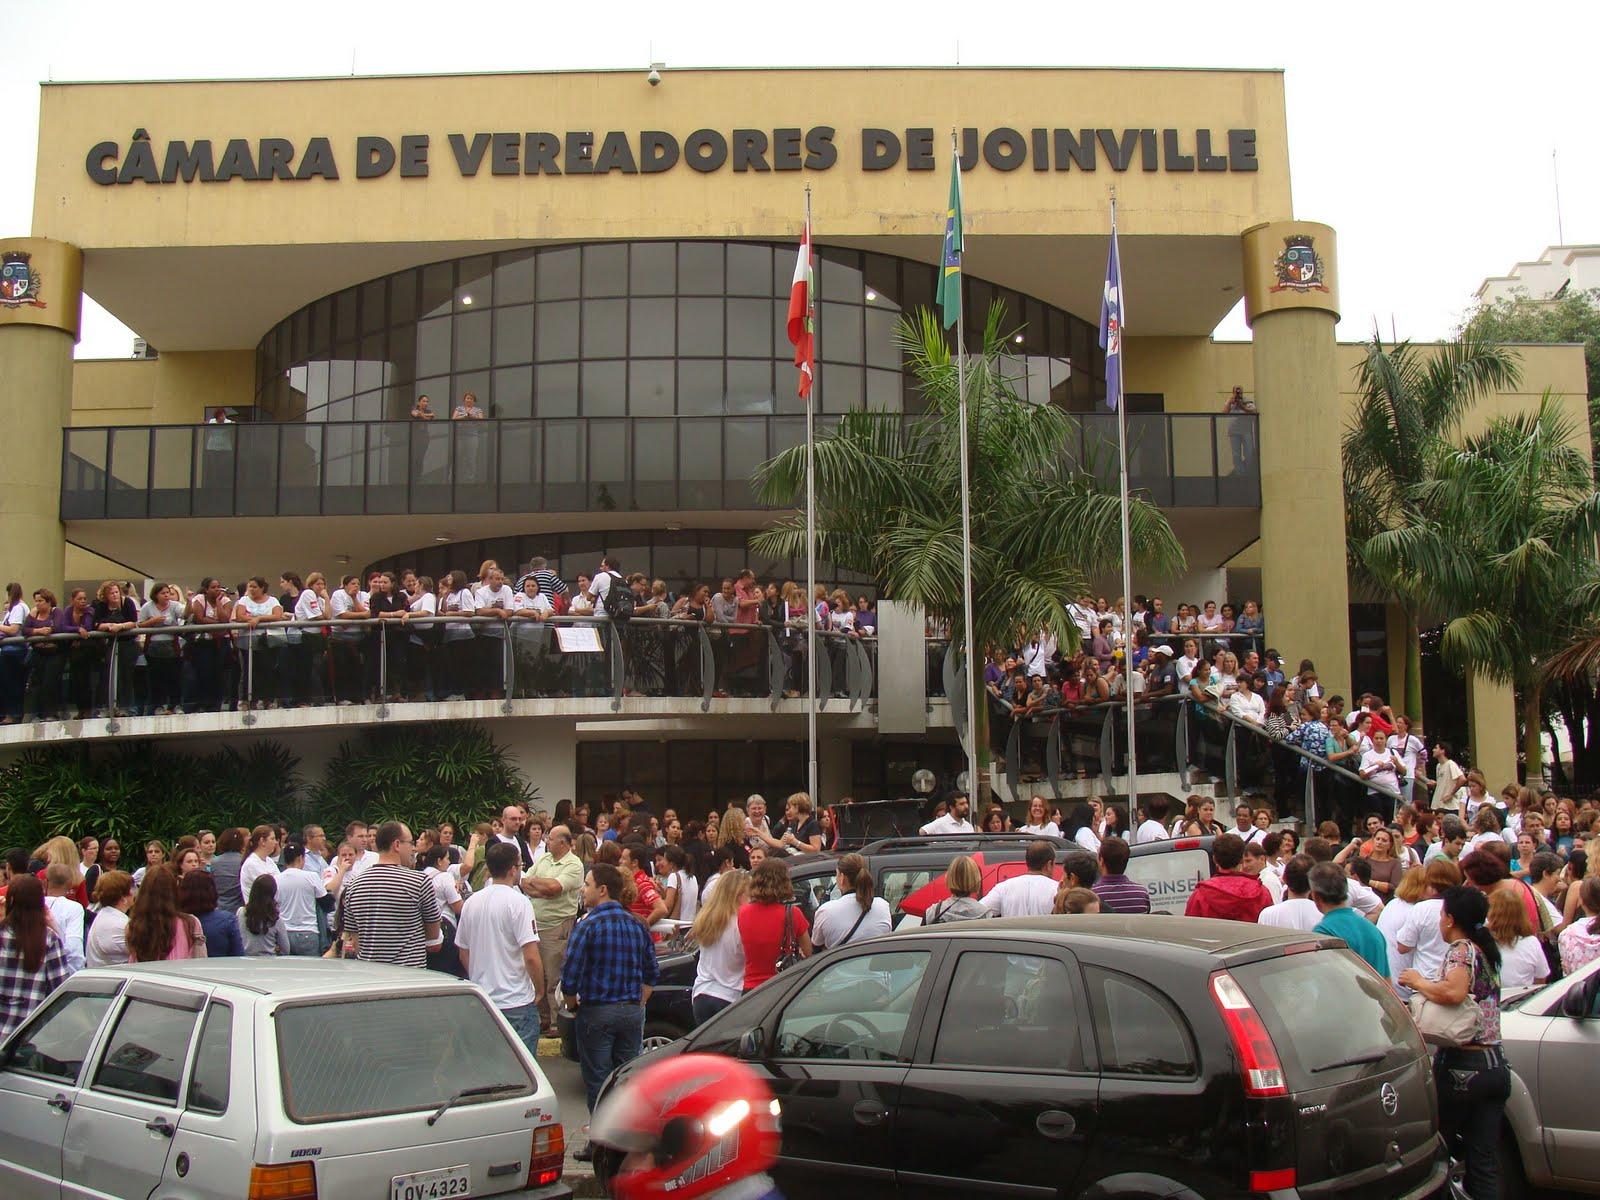 Possível cassação do vereador Maycon César em Joinville (SC) vai render muito!